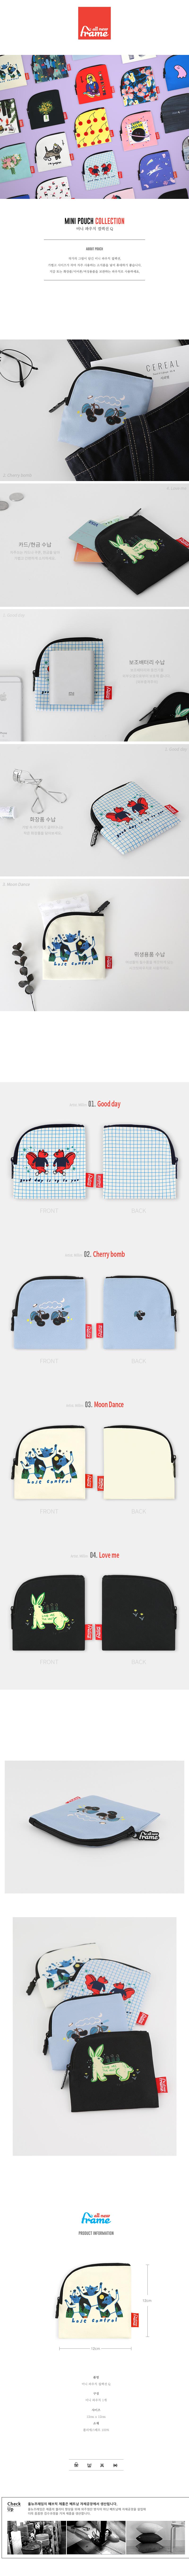 미니파우치 컬렉션 Q - 올뉴프레임, 6,800원, 트래블팩단품, 멀티파우치